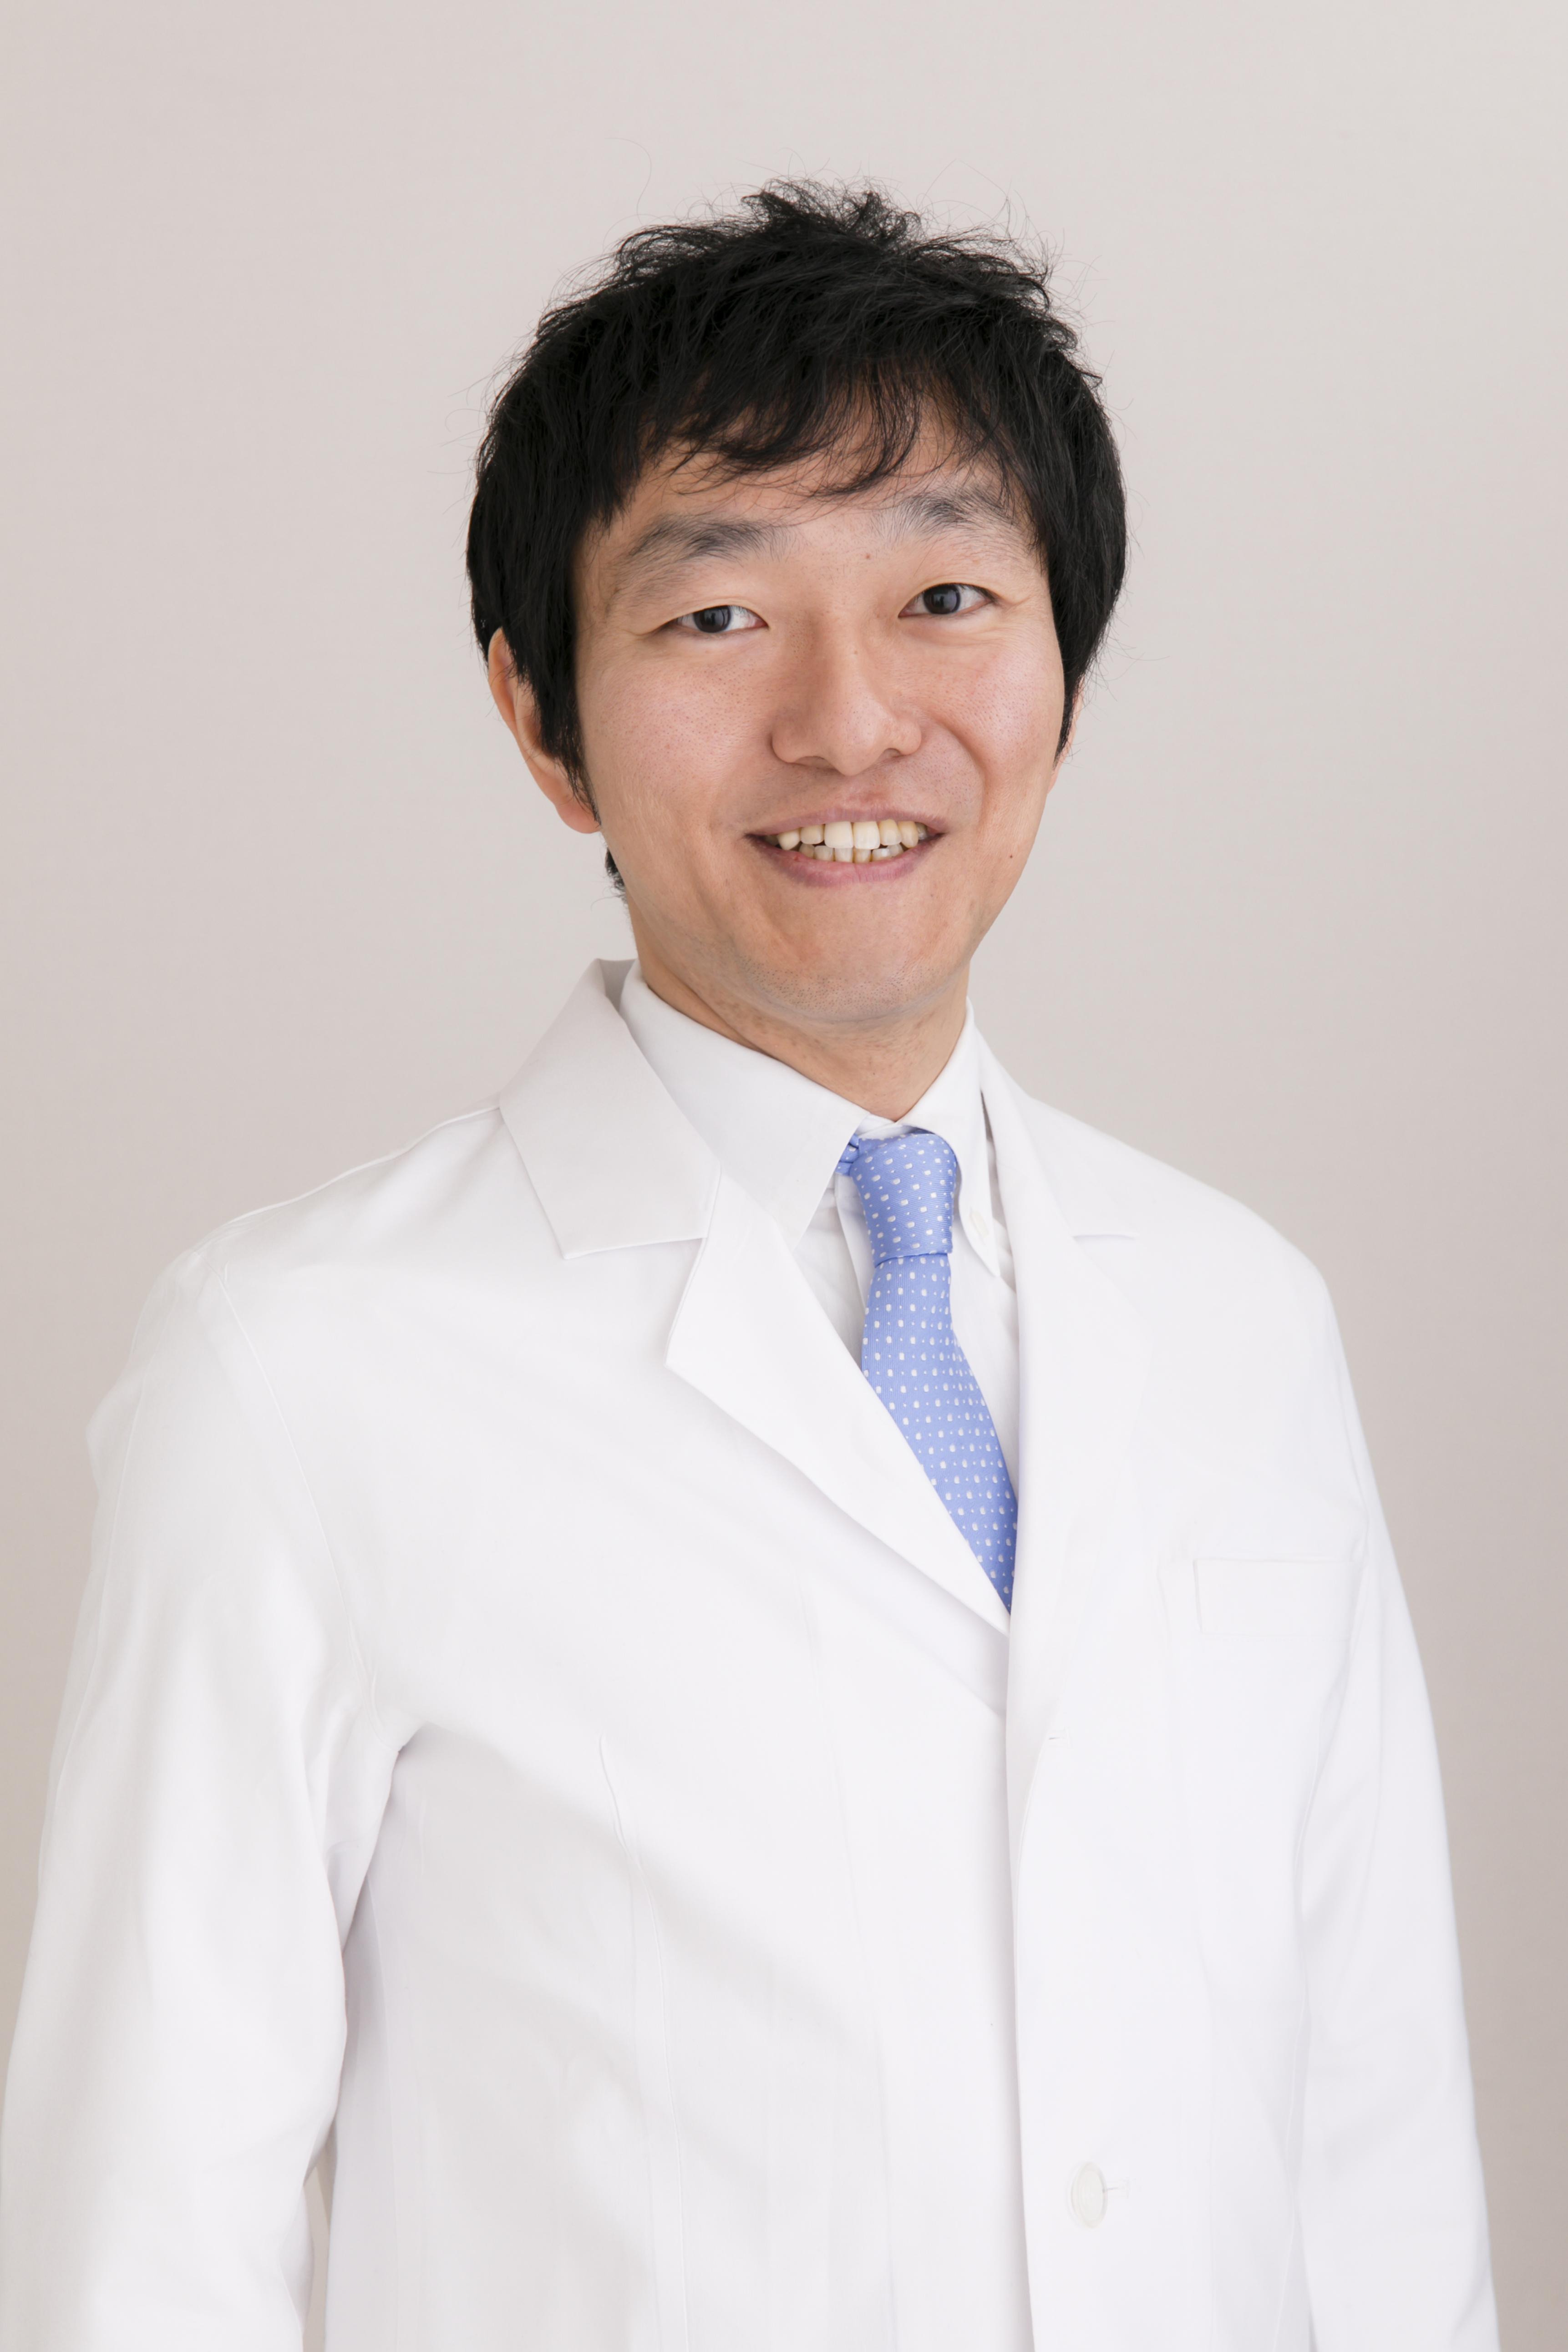 メンタルヘルスの平成かぐらクリニック院長 精神科専門医  伊藤 直